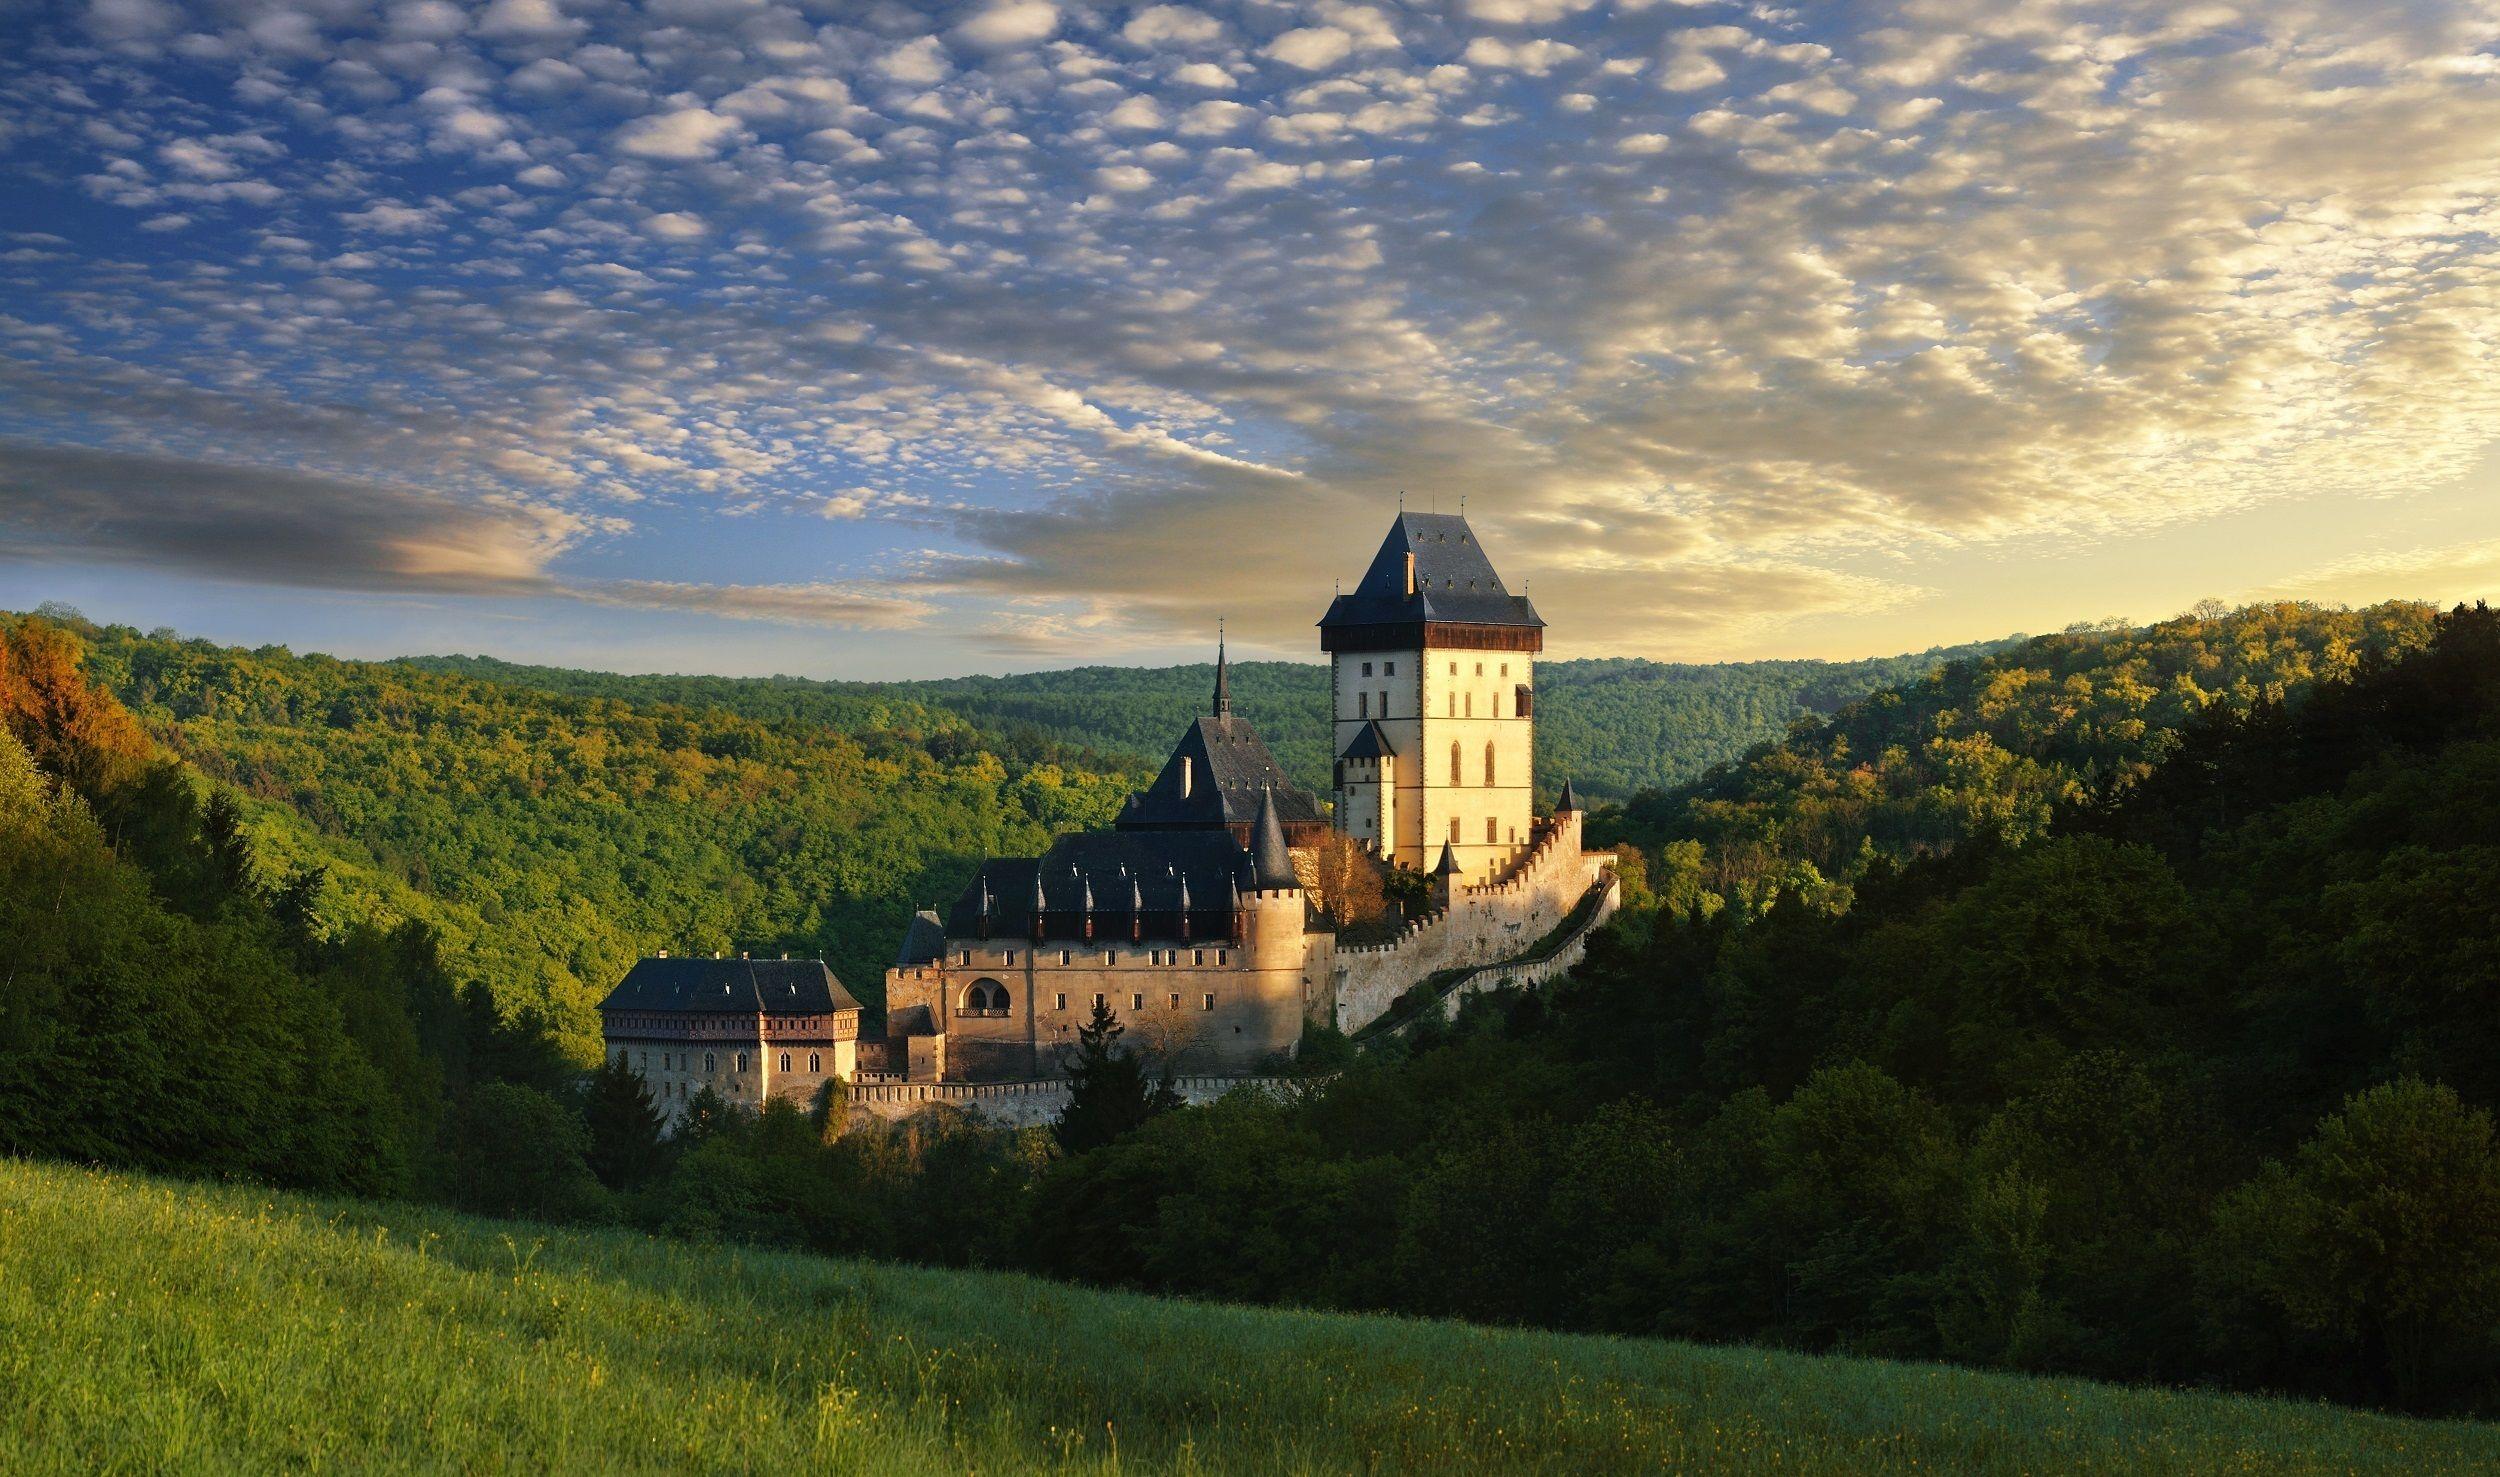 Bevorzugter Einlass zur Burg Karlštejn und geführte Tour